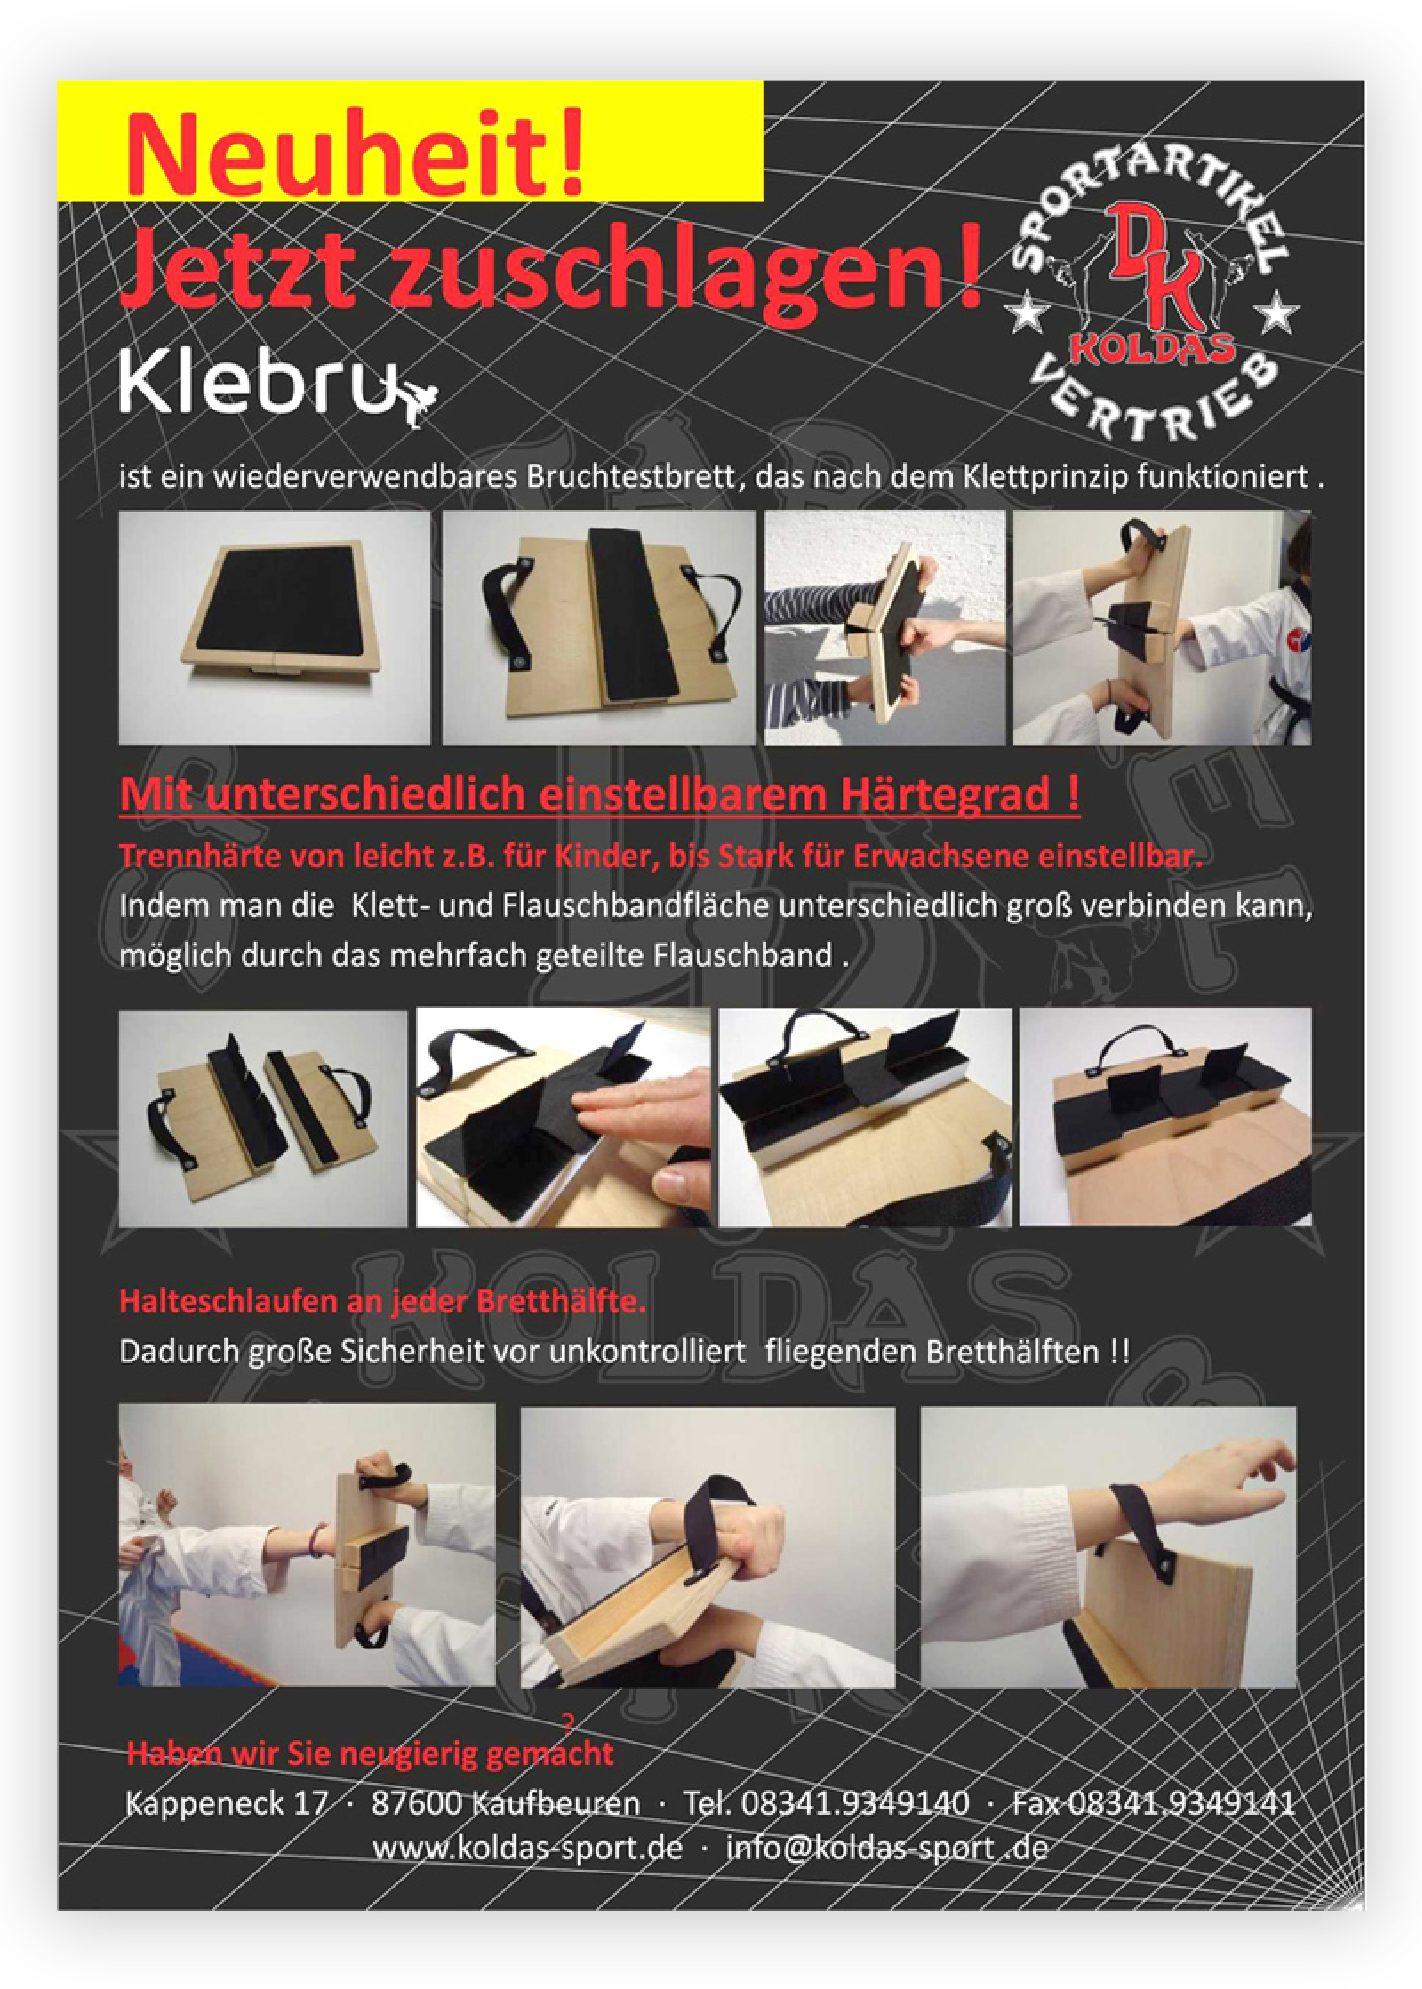 KleBru-bruchtestbrett-Flyer